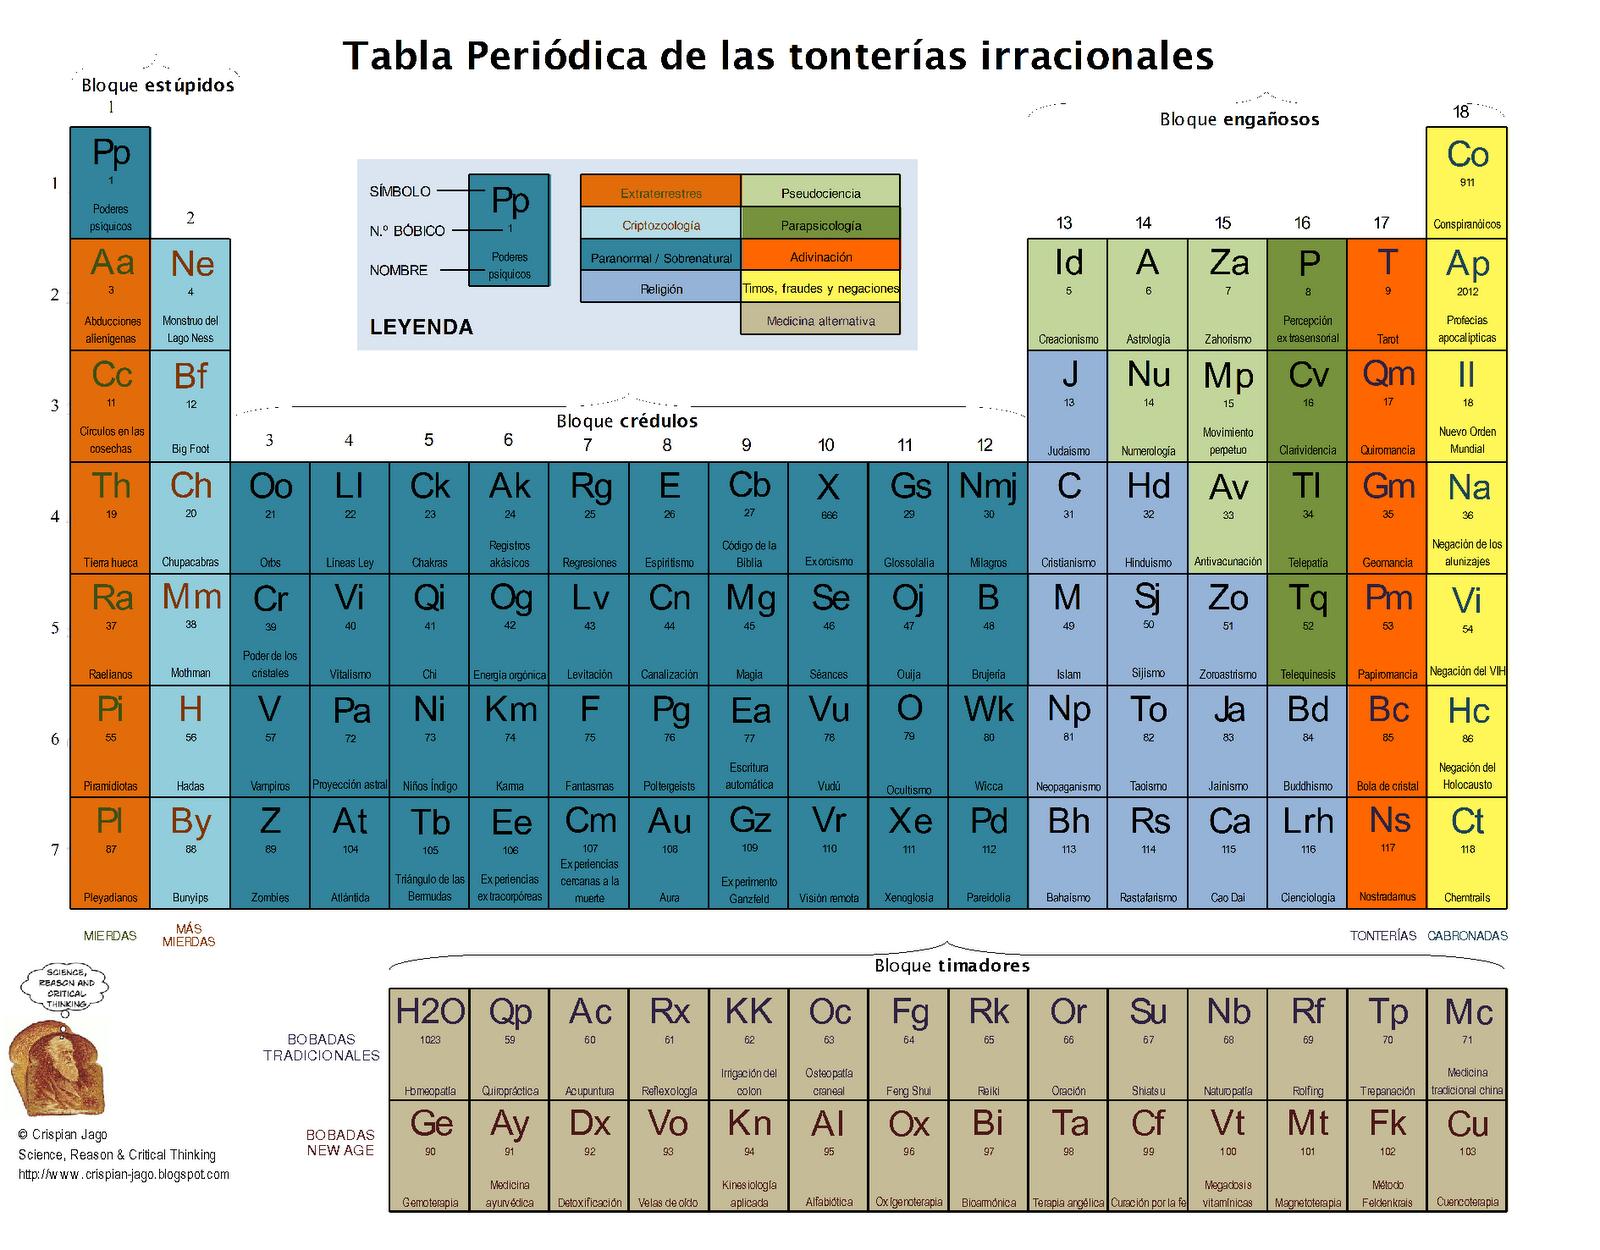 Hablar: La tabla periódica de las tonterías irracionales